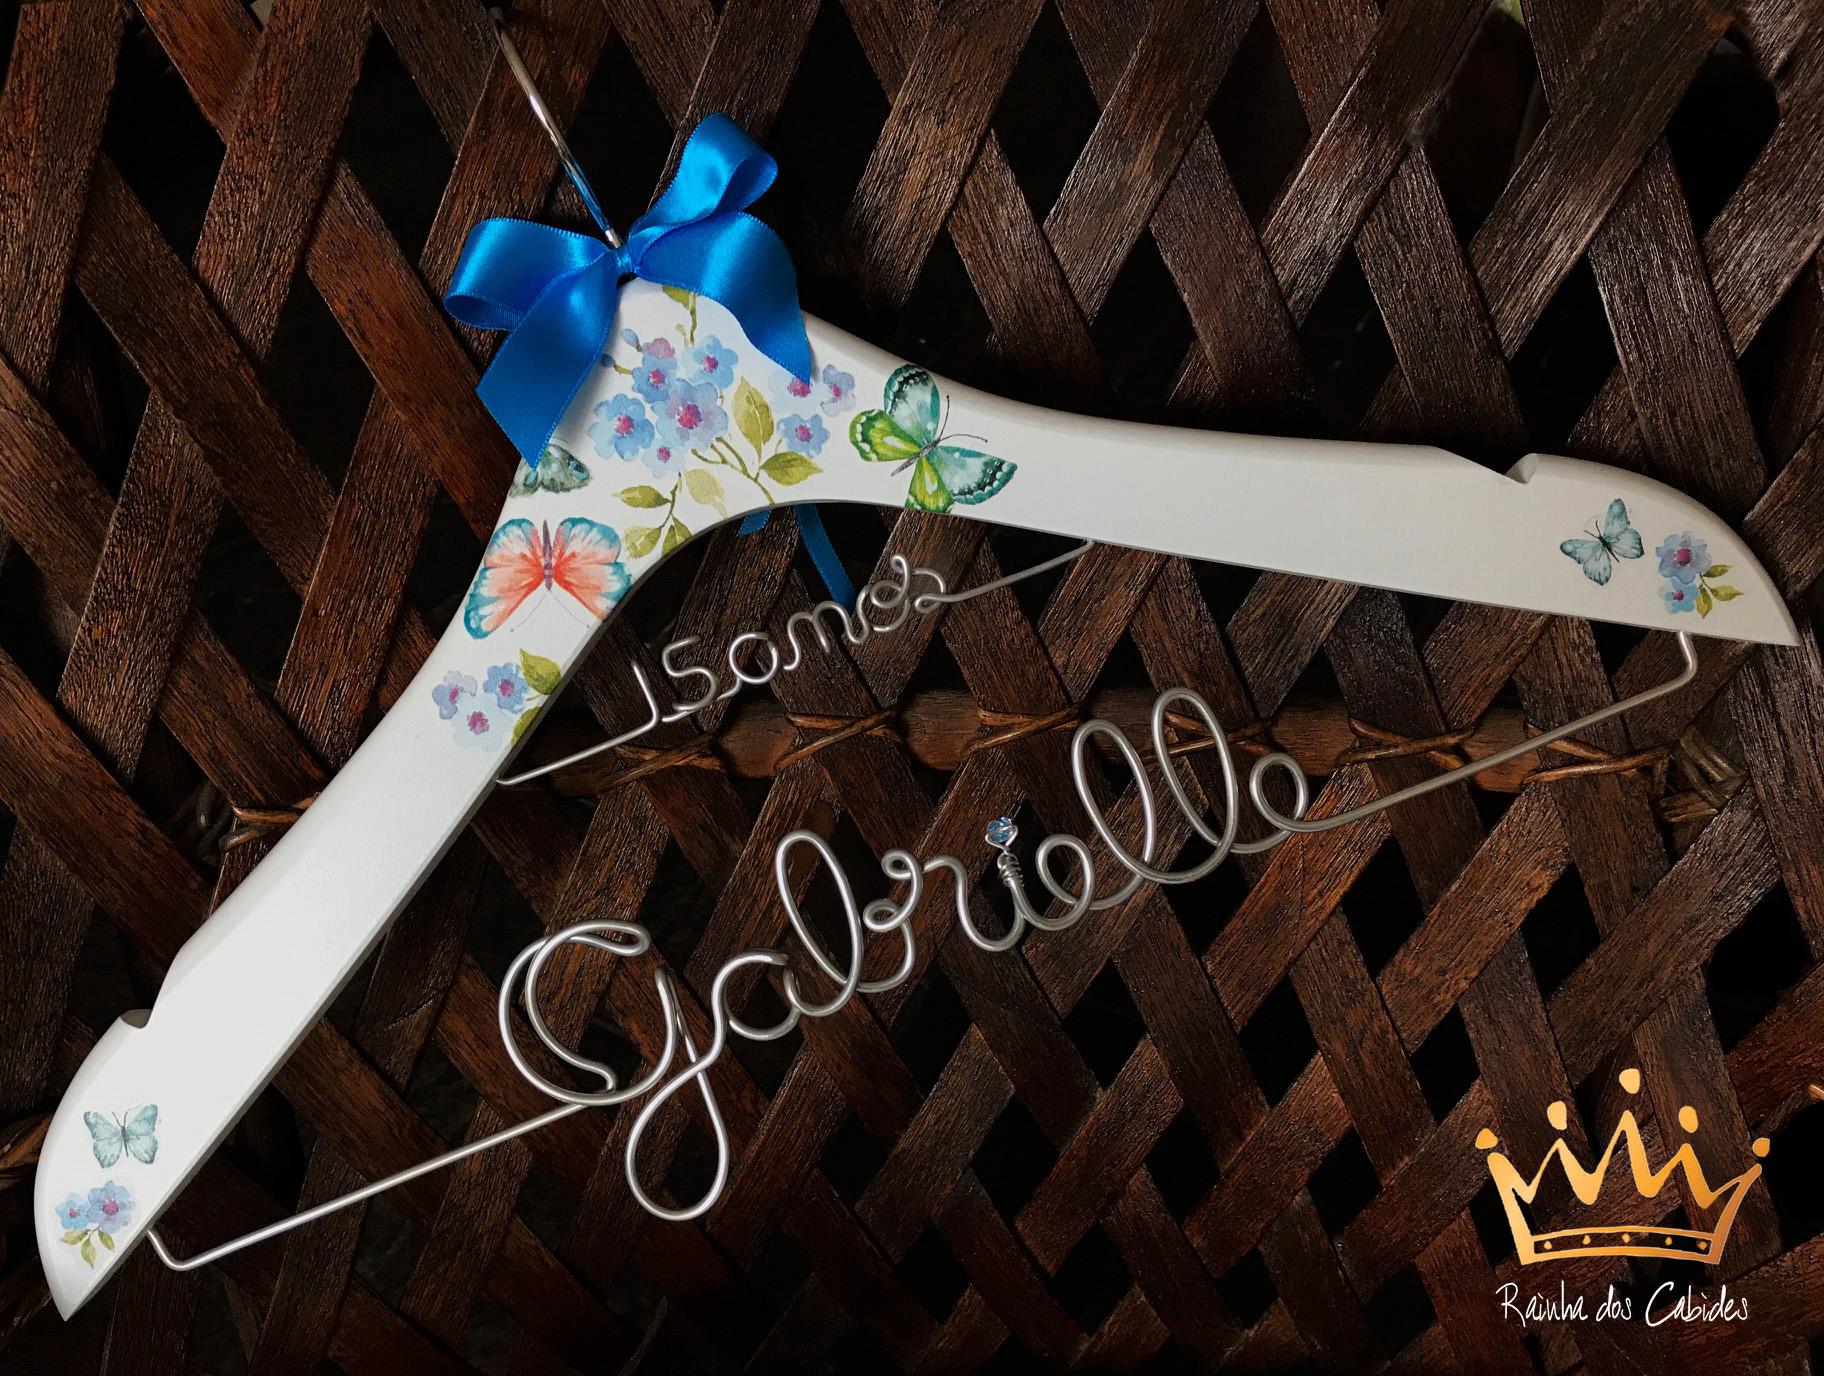 Branco_Estampa Borb e Flores1_logo